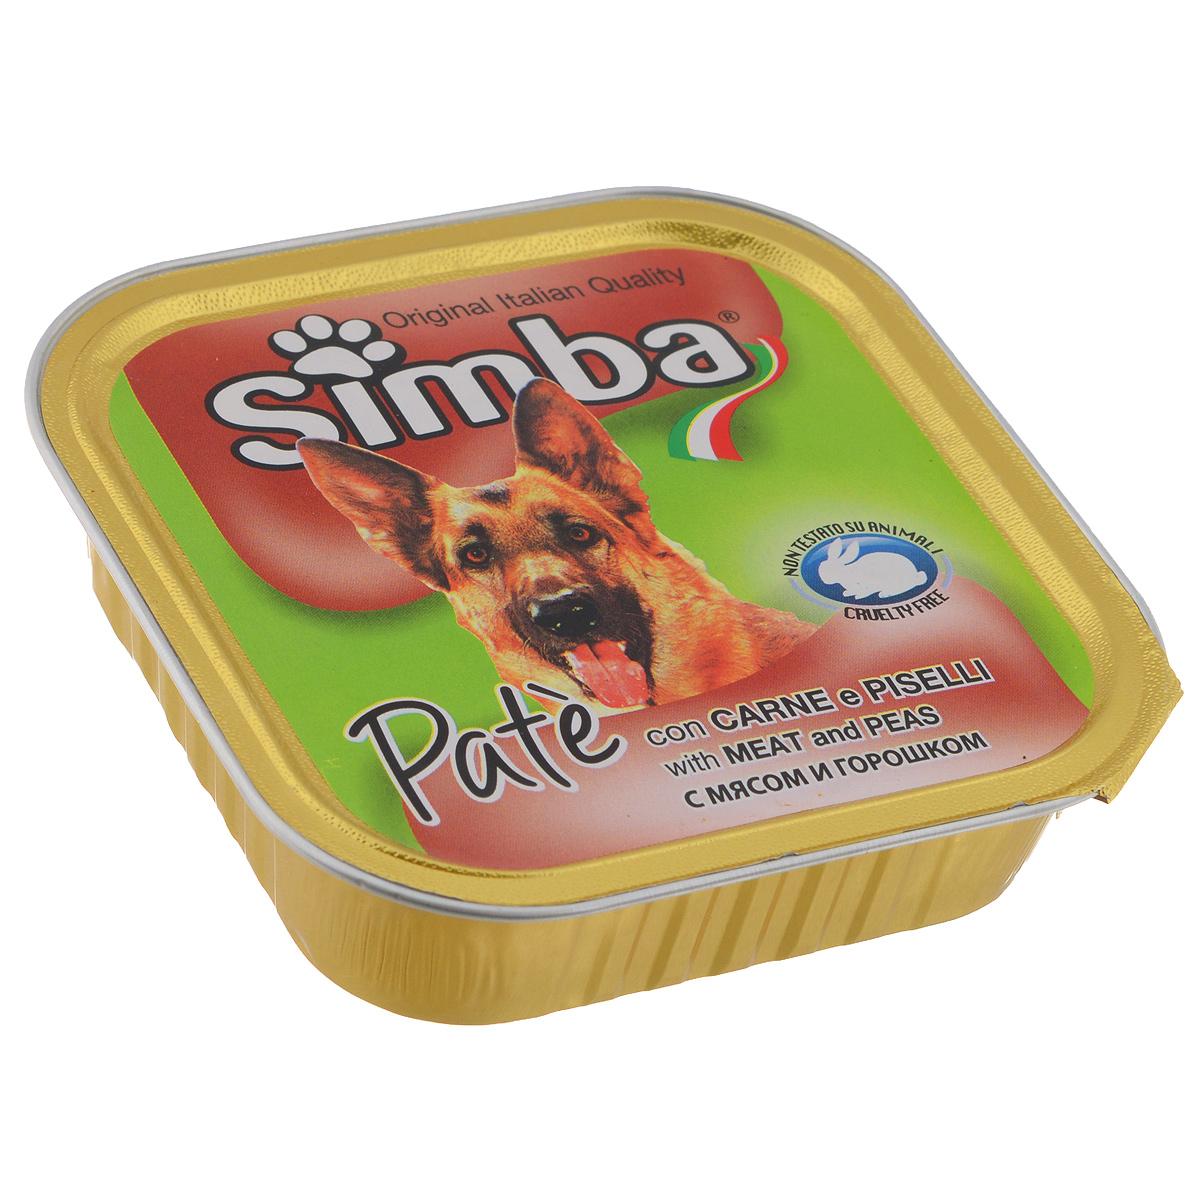 Консервы для собак Monge Simba, с телятиной и горошком, 150 г70009256Консервы для собак Monge Simba - это полноценное питание для собак. Паштет с телятиной и горошком. Для собаки среднего размера порция при каждом кормлении составляет 300 г. Состав: мясо и мясные субпродукты (в том числе телятина 7,5%), овощи (горошек 4,5%), минеральные вещества, витамины, технологические добавки - загустители и желирующие вещества. Анализ компонентов: сырой белок 9%, сырой жир 7,5%, сырая клетчатка 0,4%, зола 2,1%, влажность 81%. Витамины и добавки на 1 кг: витамин А 2500 МЕ, витамин D3 200 МЕ, витамин Е 5 мг. Товар сертифицирован.